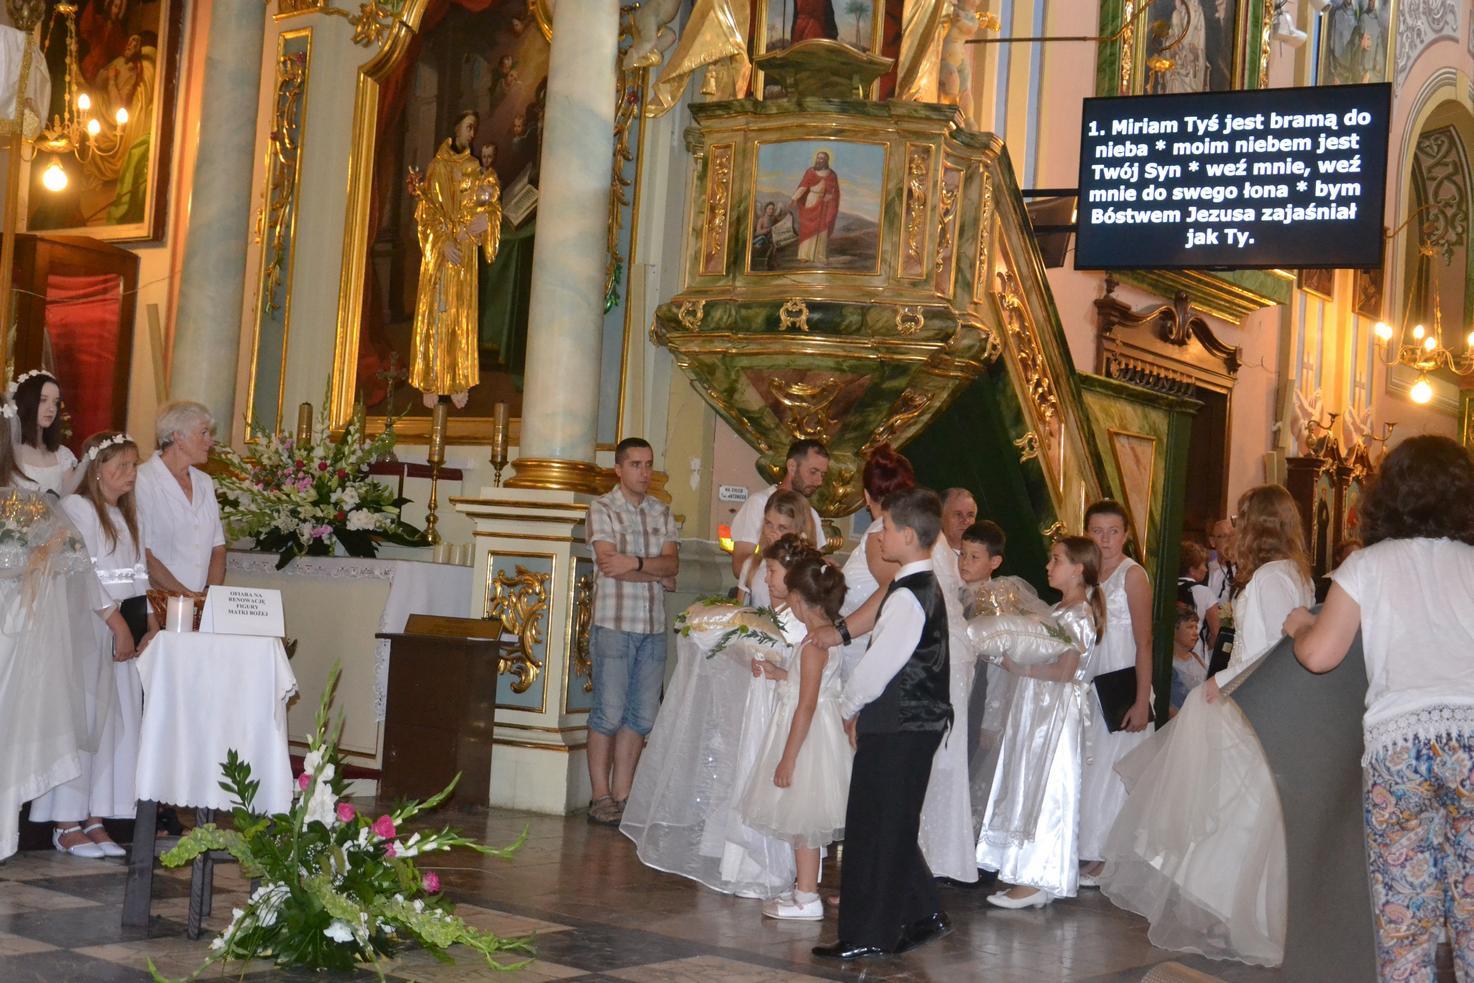 15 Piesza Pielgrzymka Krosno - Kalwaria Pacławska - dzień czwarty 12 sierpnia 2017 (43)